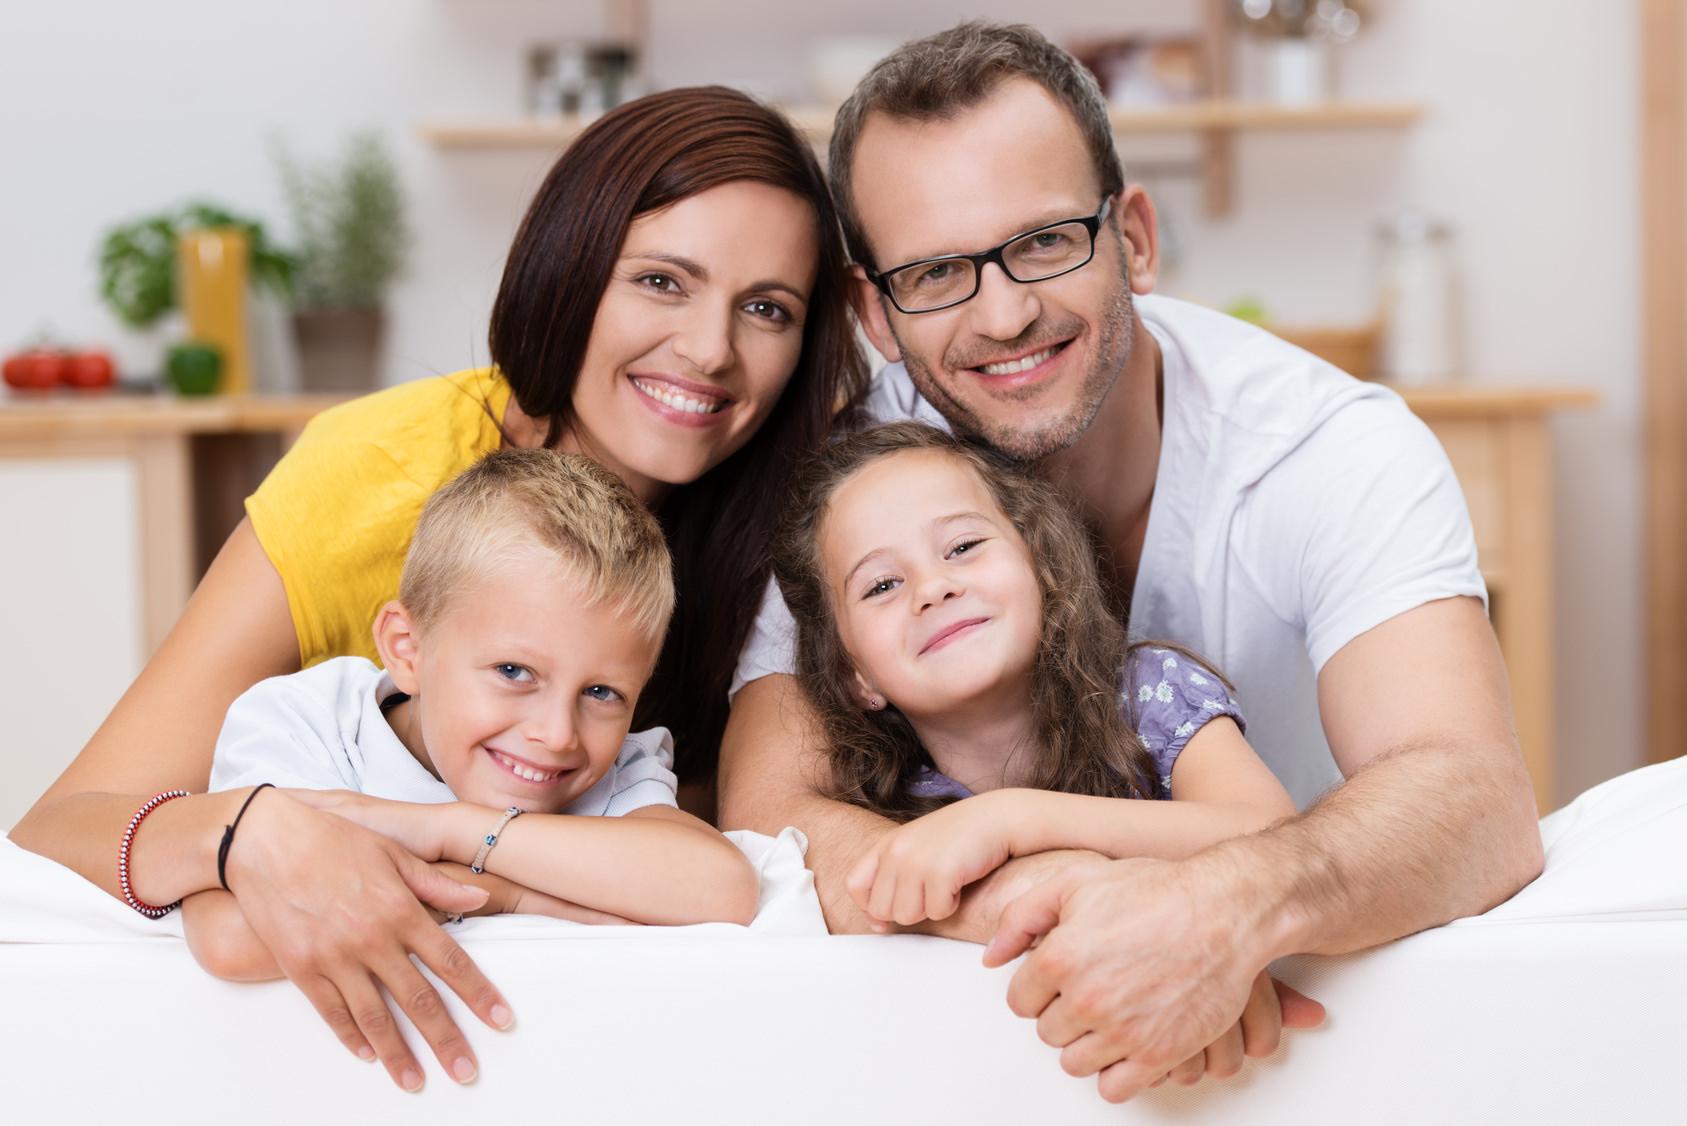 Как охраняется тайна усыновления? (Фото: contrastwerkstatt - Fotolia.com).